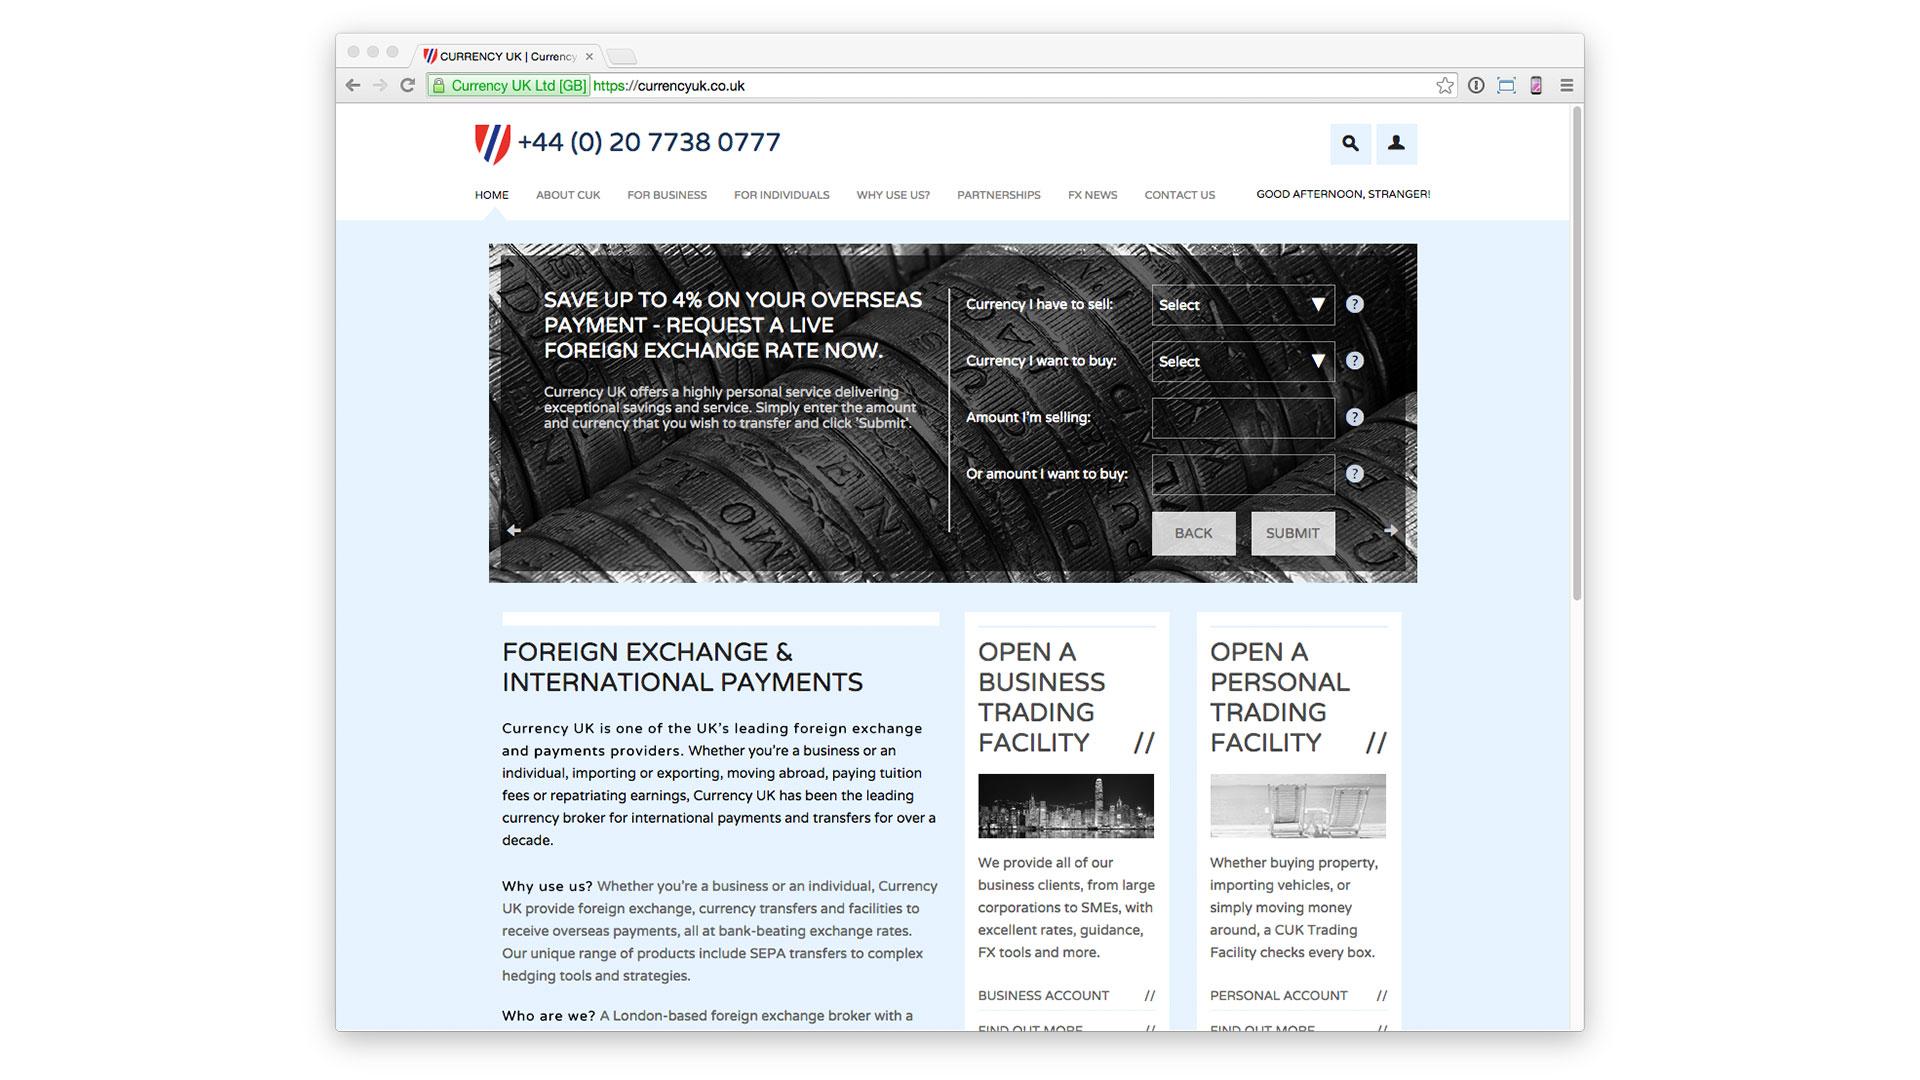 CUK_homepage2